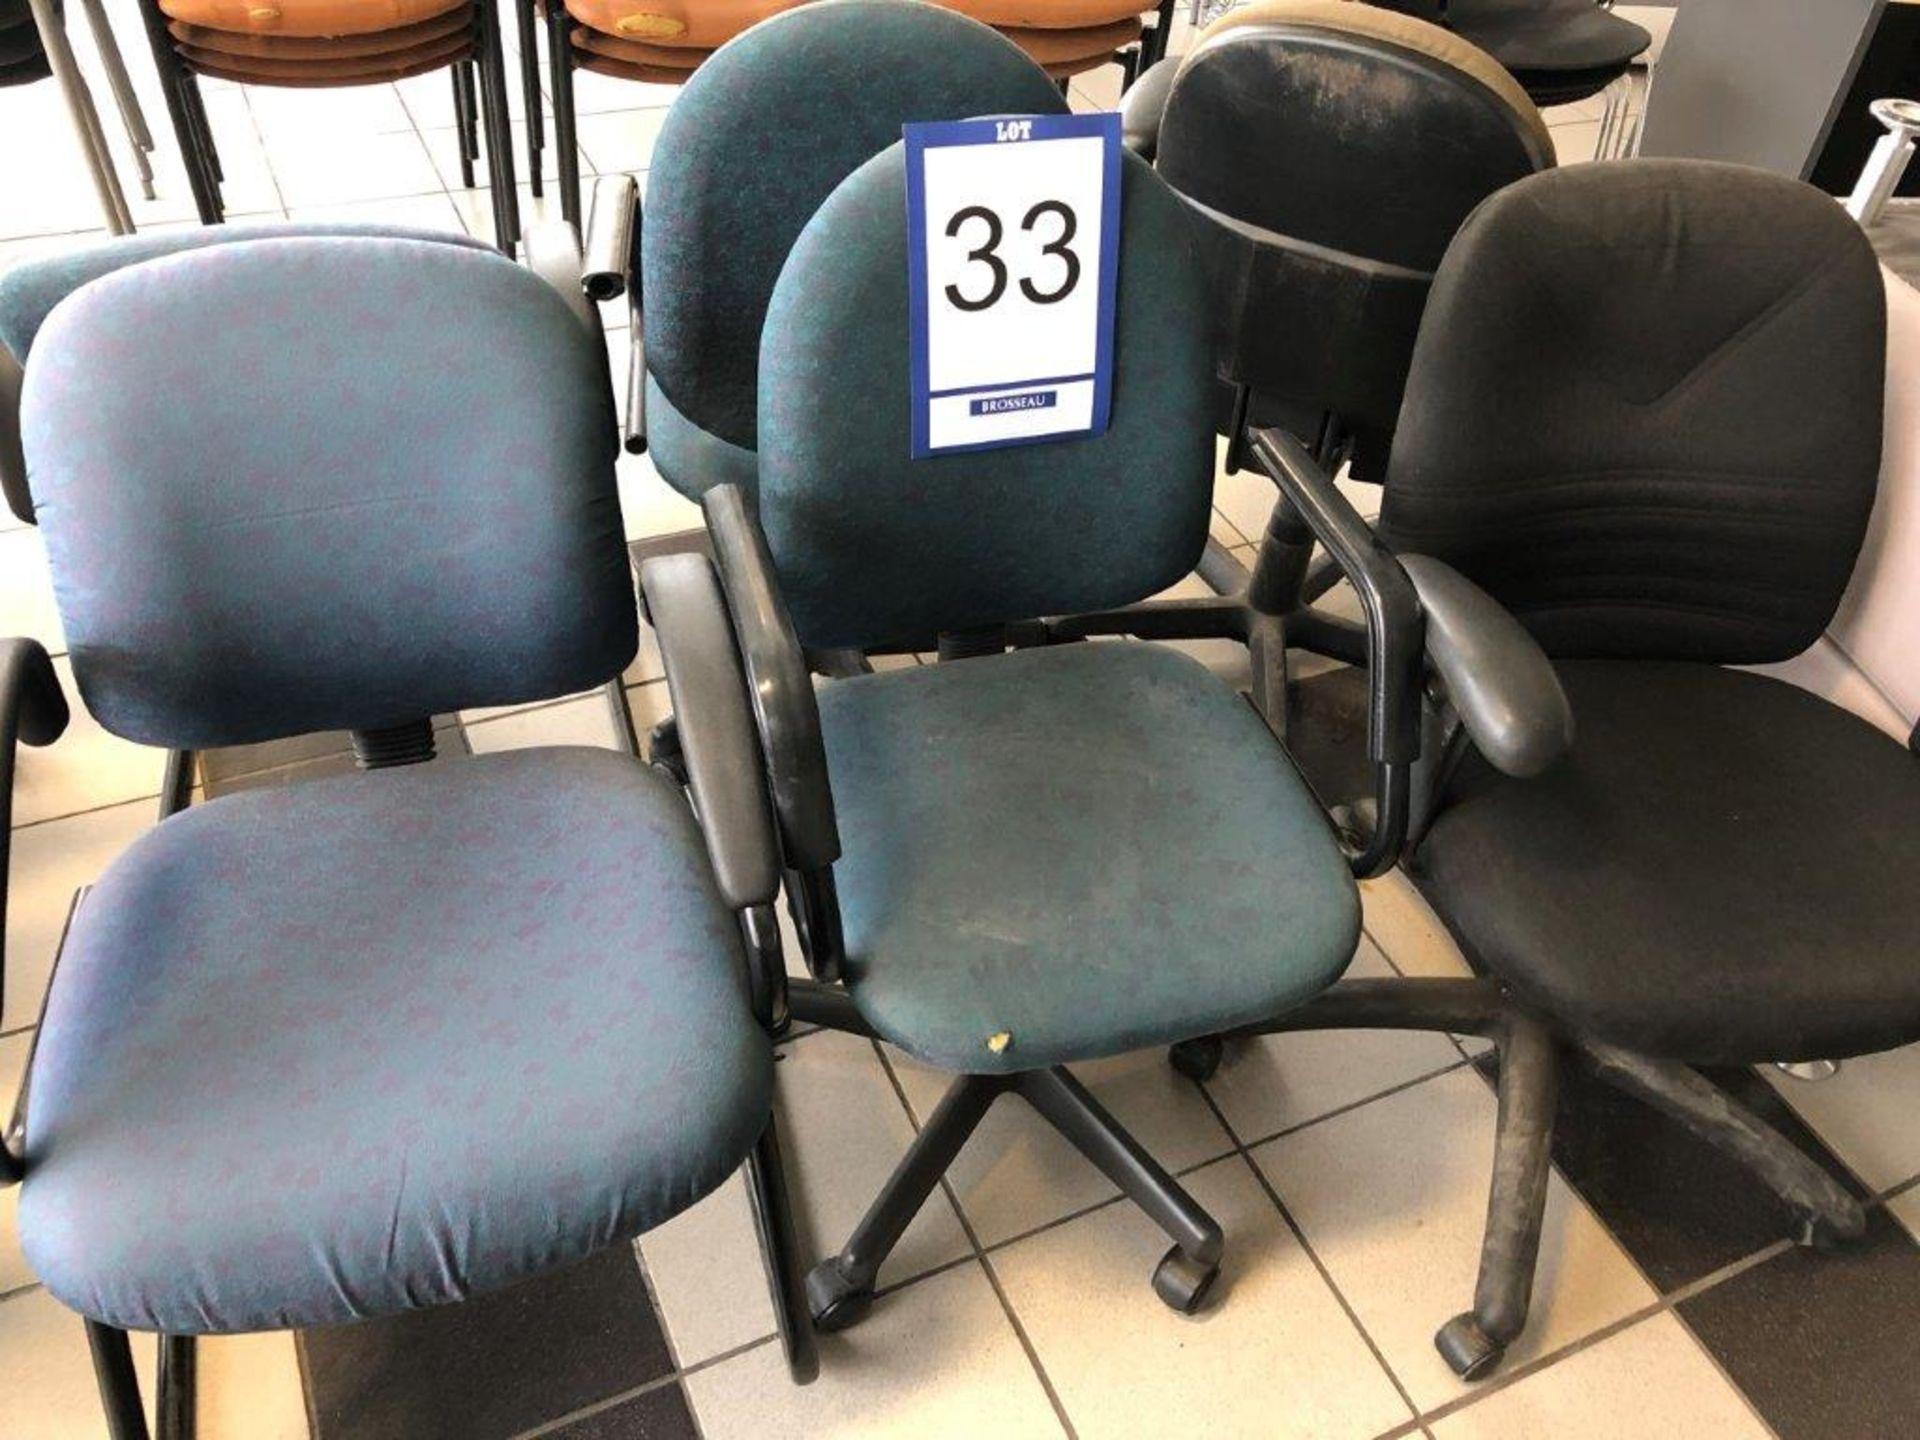 Lot 33 - Lot: 4 fauteuils sur roues en tissu et 2 fauteuils visiteurs en tissu